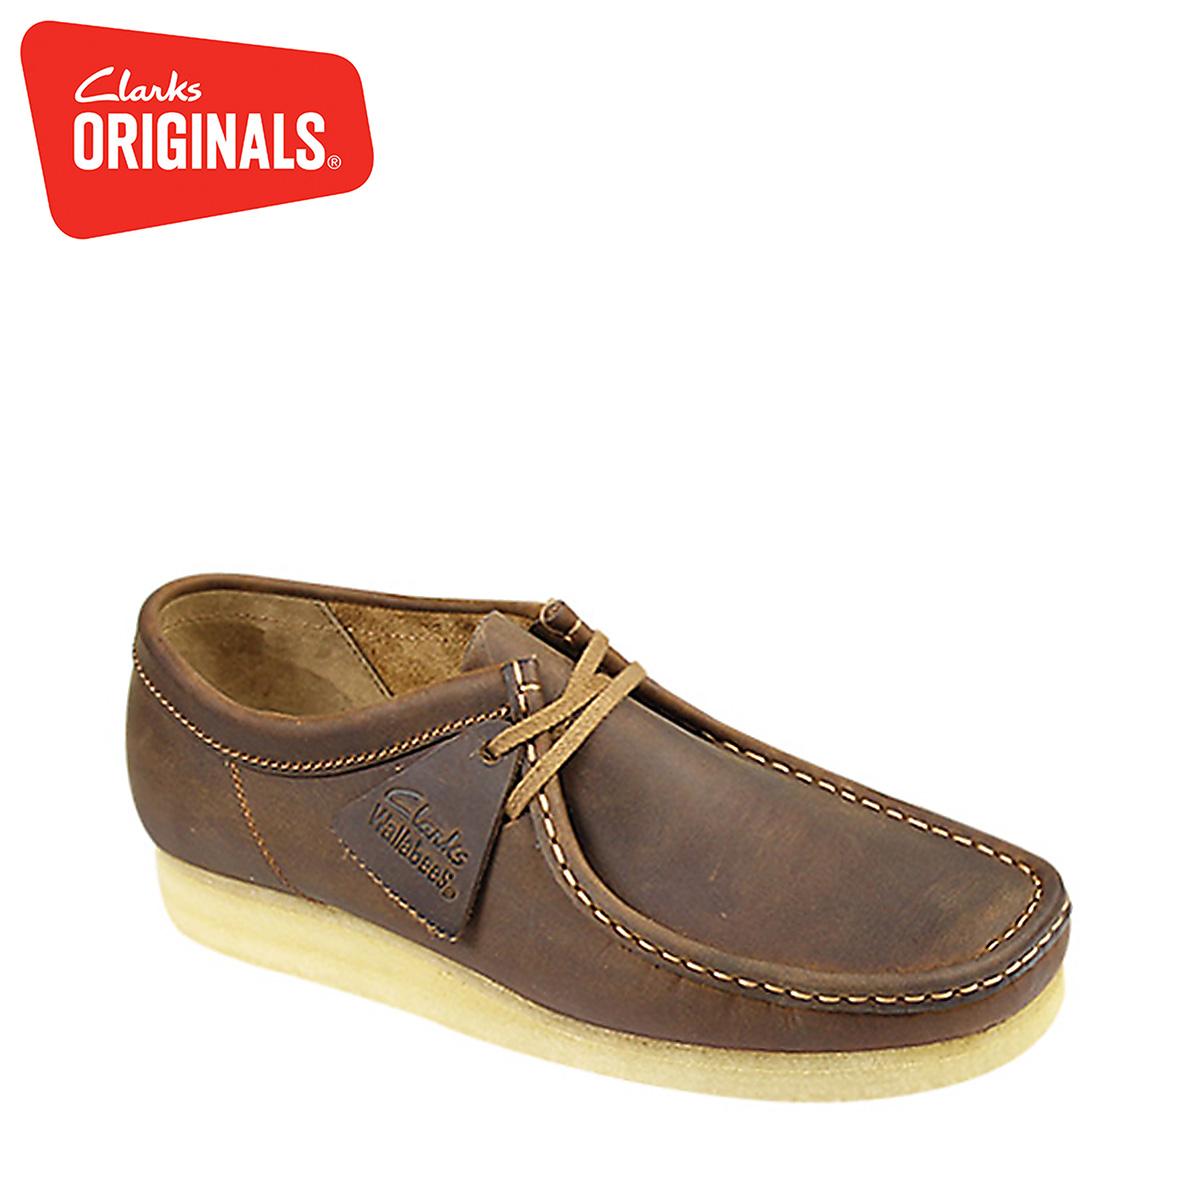 クラークス オリジナルズ Clarks Originals ワラビー ブーツ メンズ WALLABEE LO BOOT Mワイズ 26103602